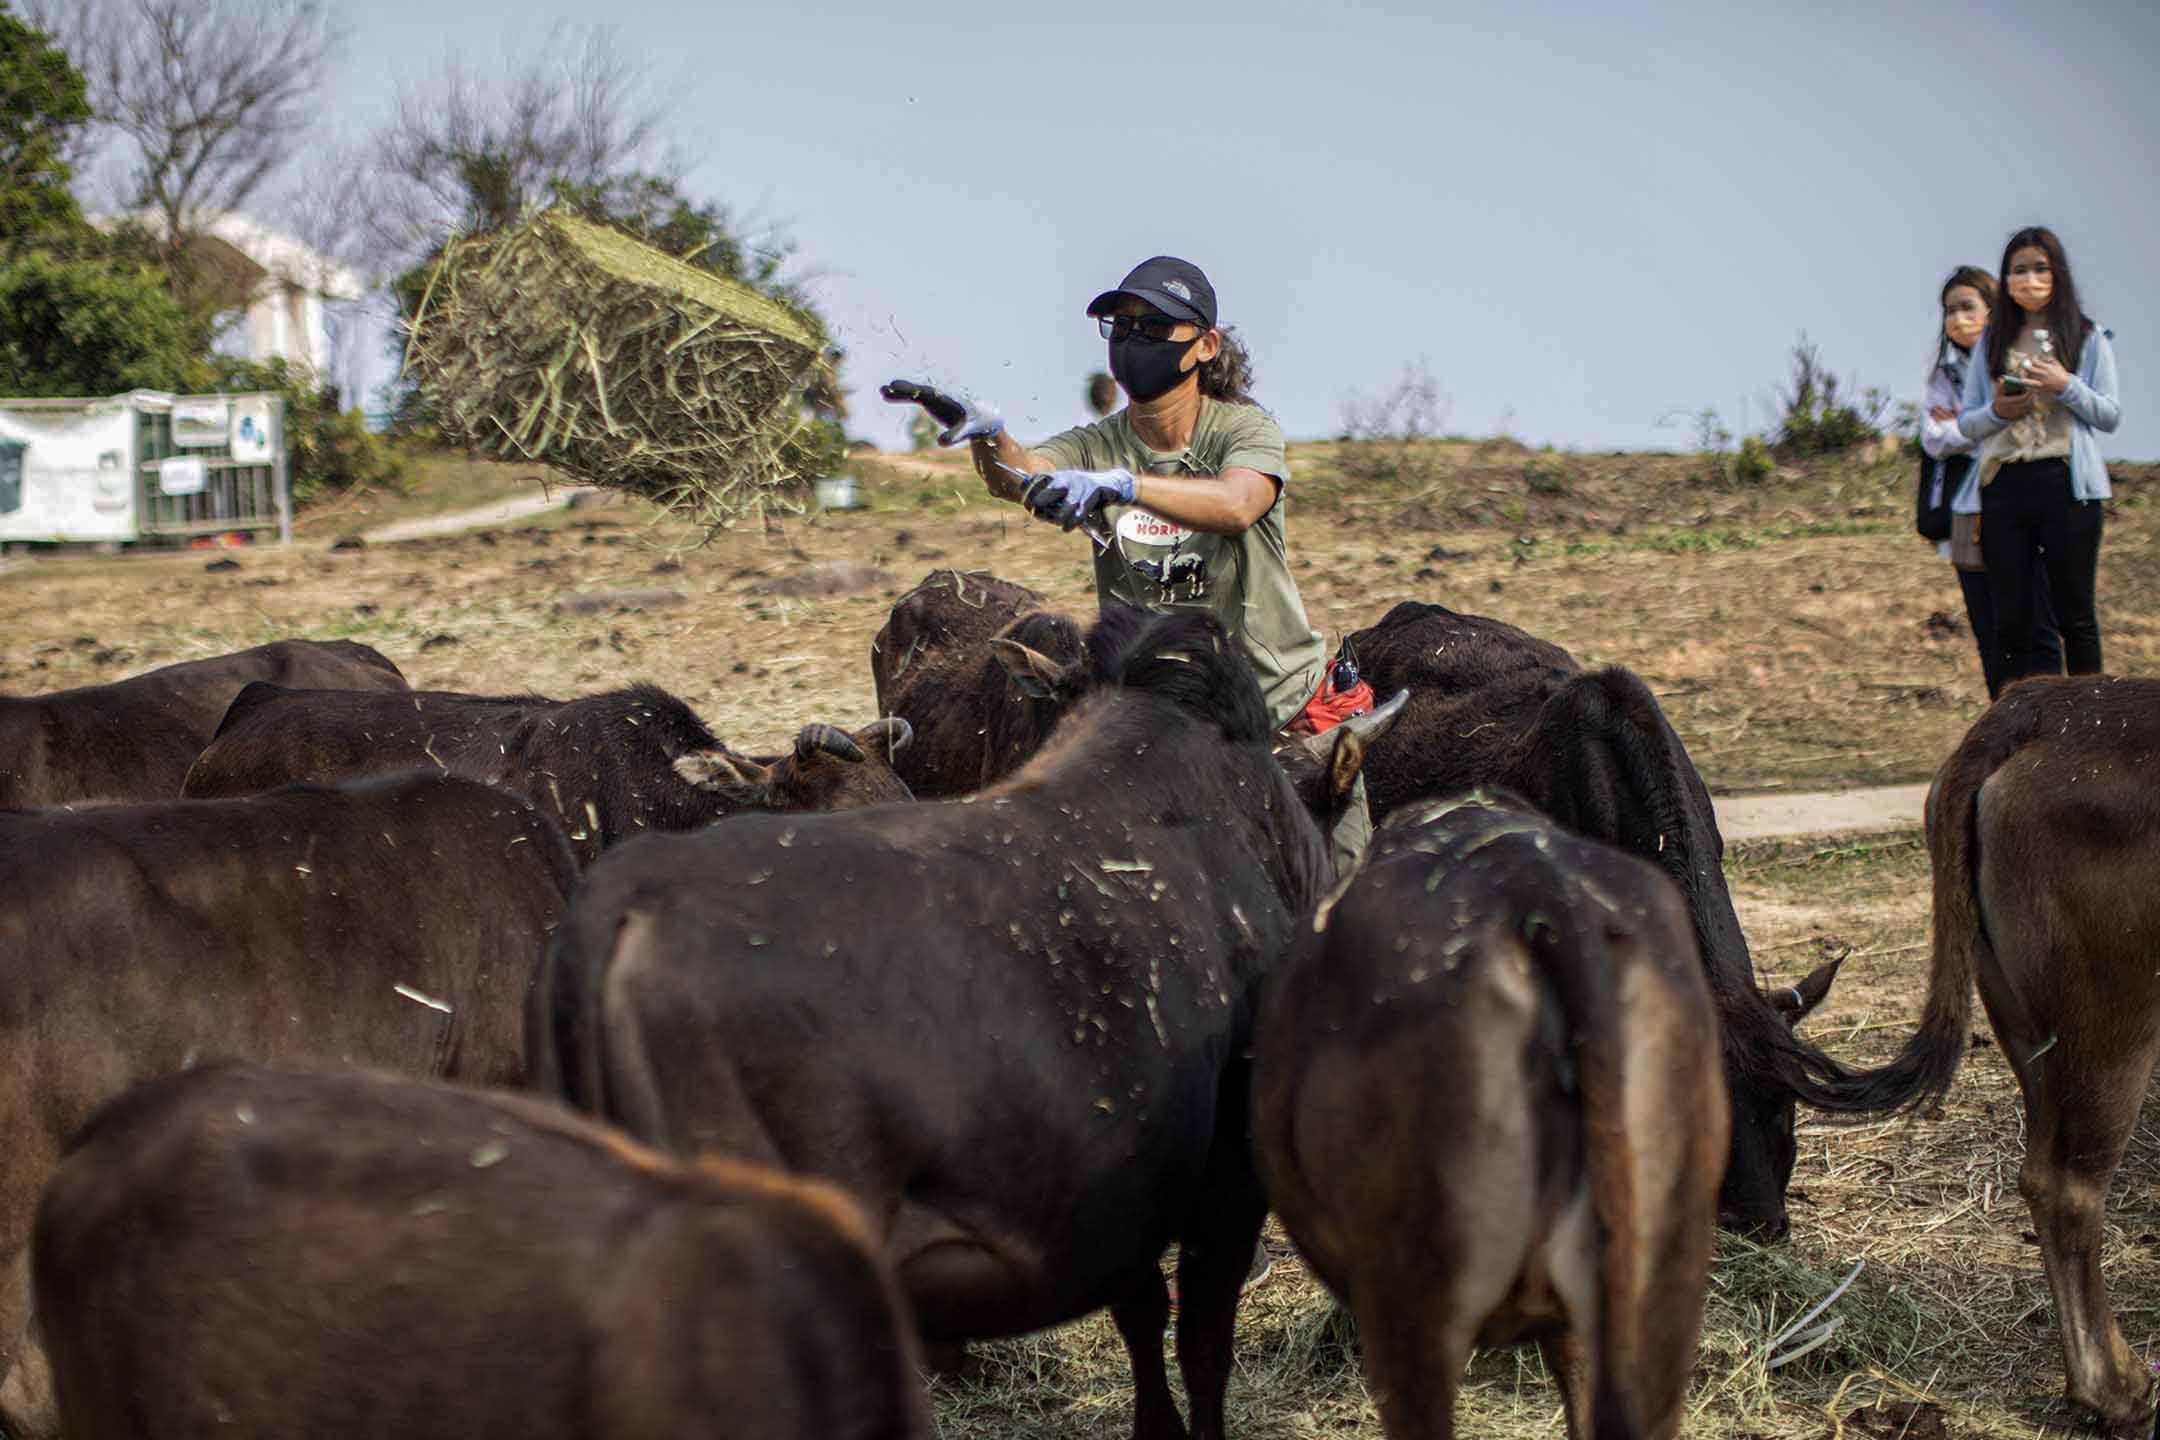 馬草氣味濃郁,嗅覺靈敏的牛群一湧而上。